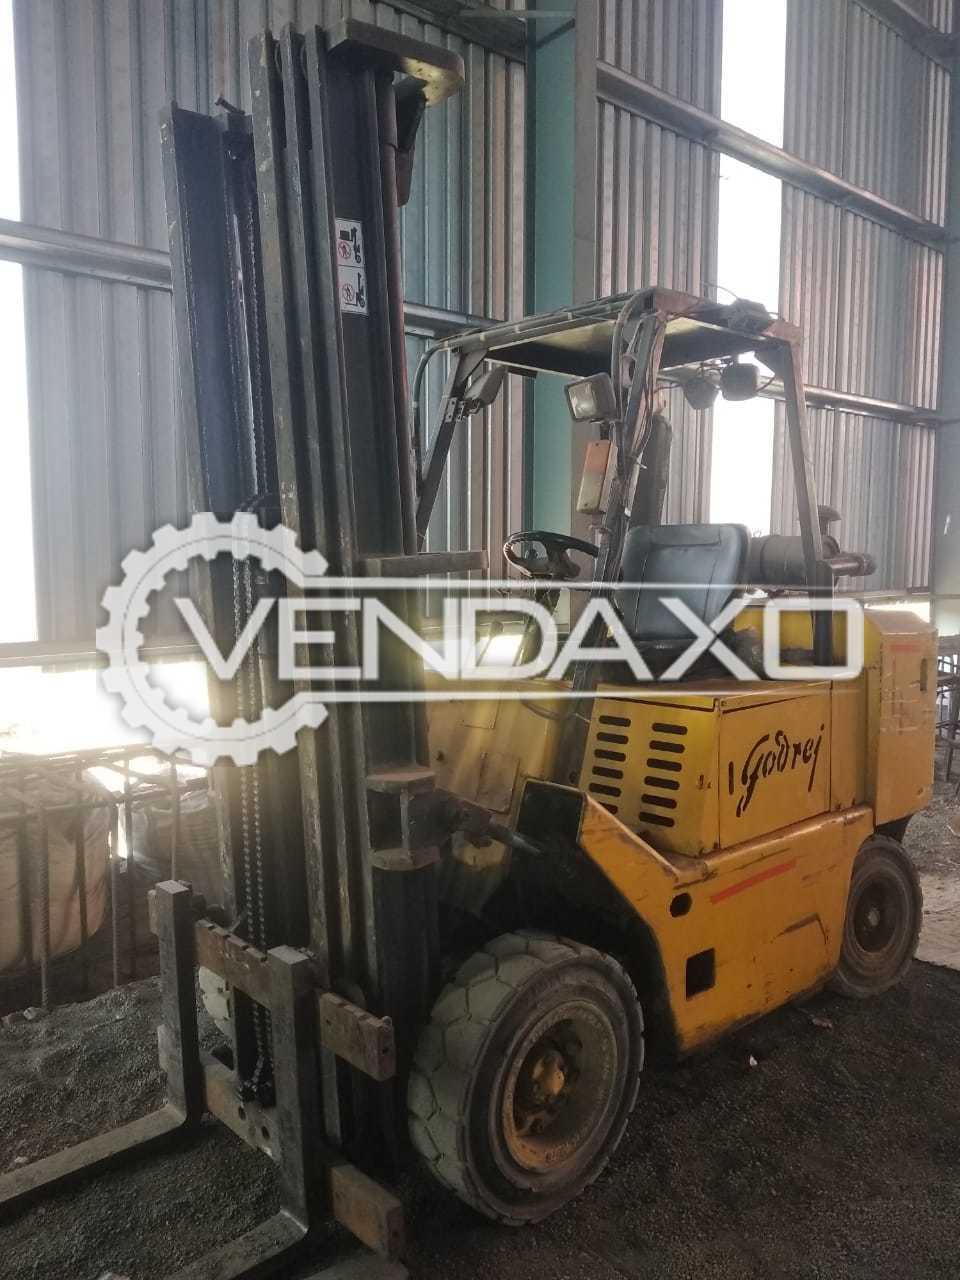 Godrej 300GxD Forklift - 3 Ton